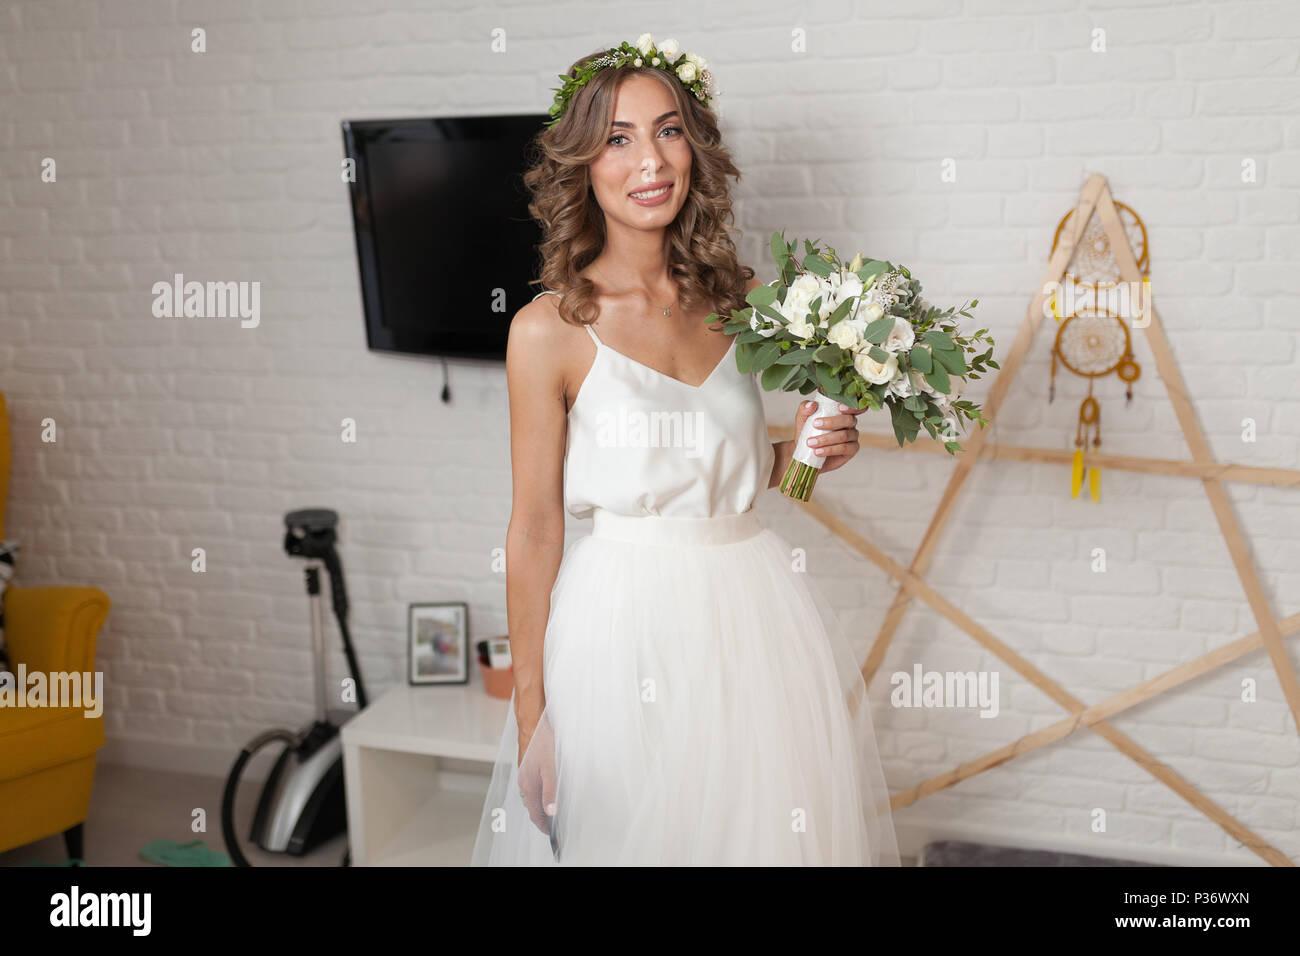 Die Braut In Eine Wunderschone Hochzeit Kleid Mit Langen Lockigen